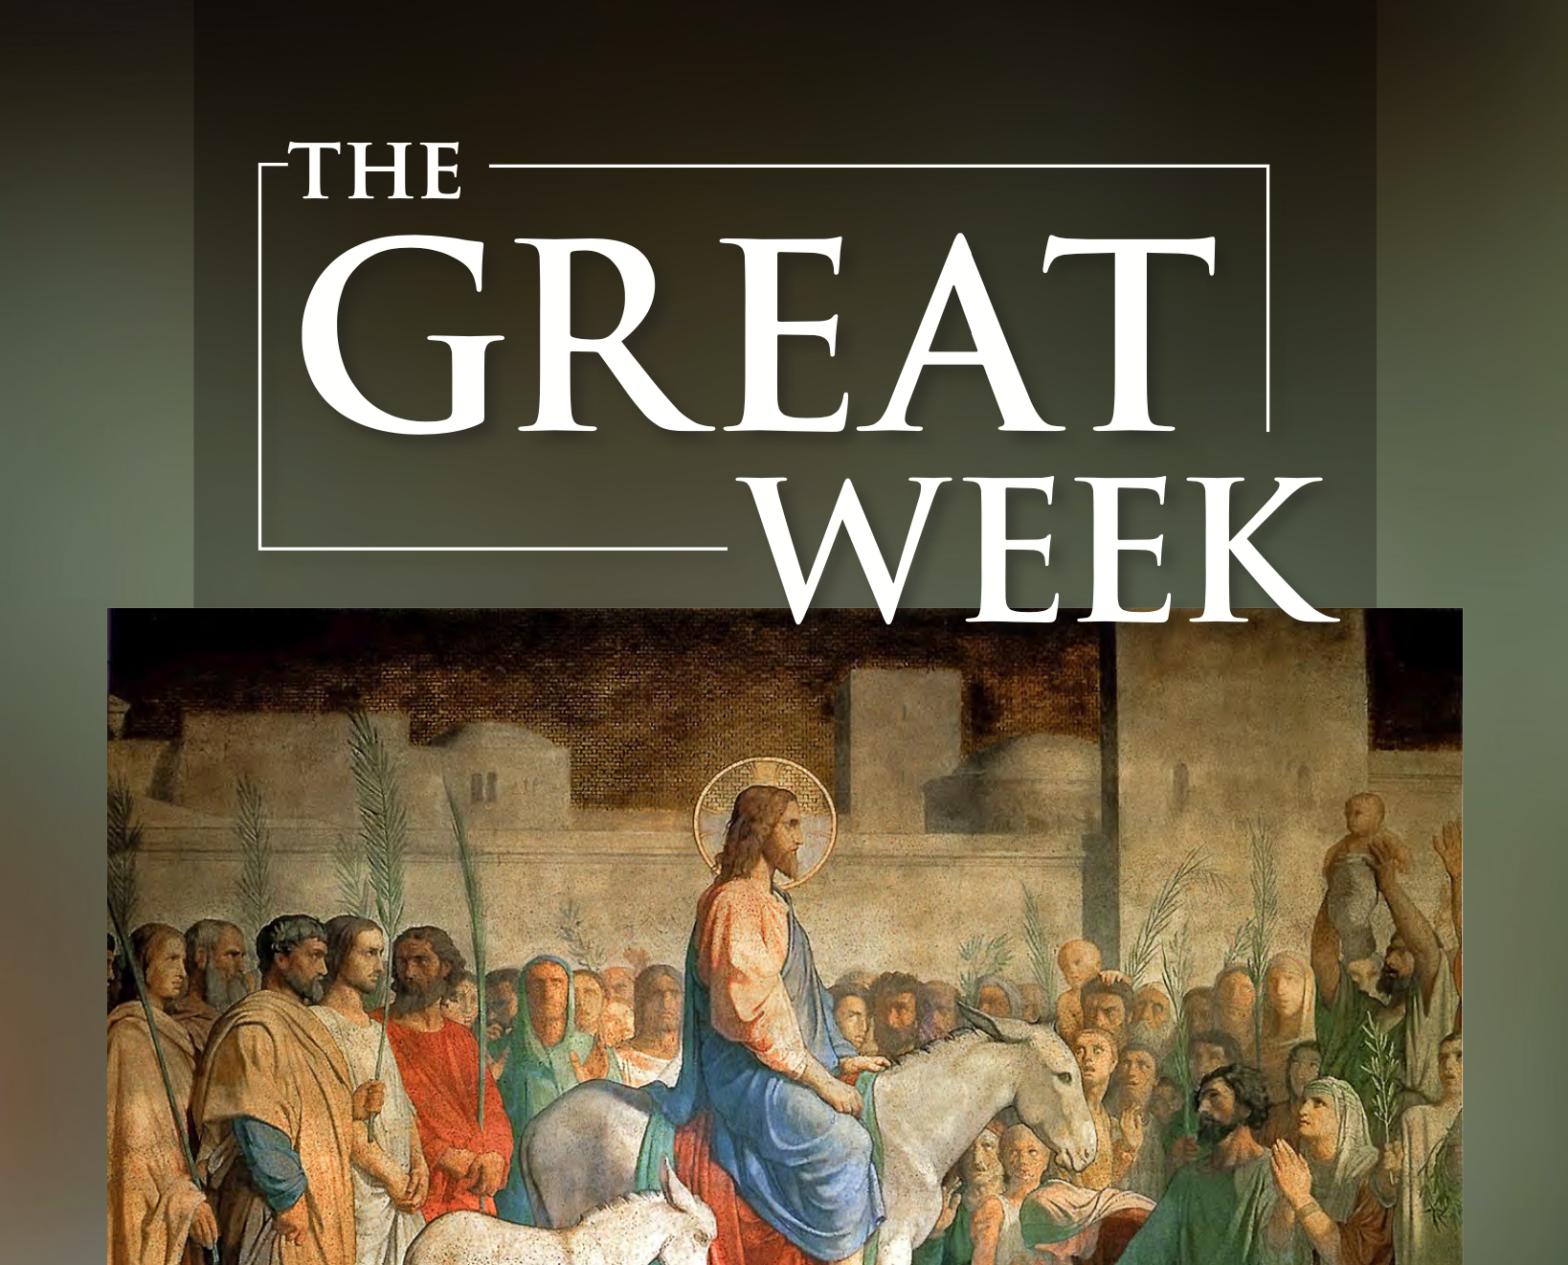 the great week, bishop barres, Holy Week virtual pilgrimage